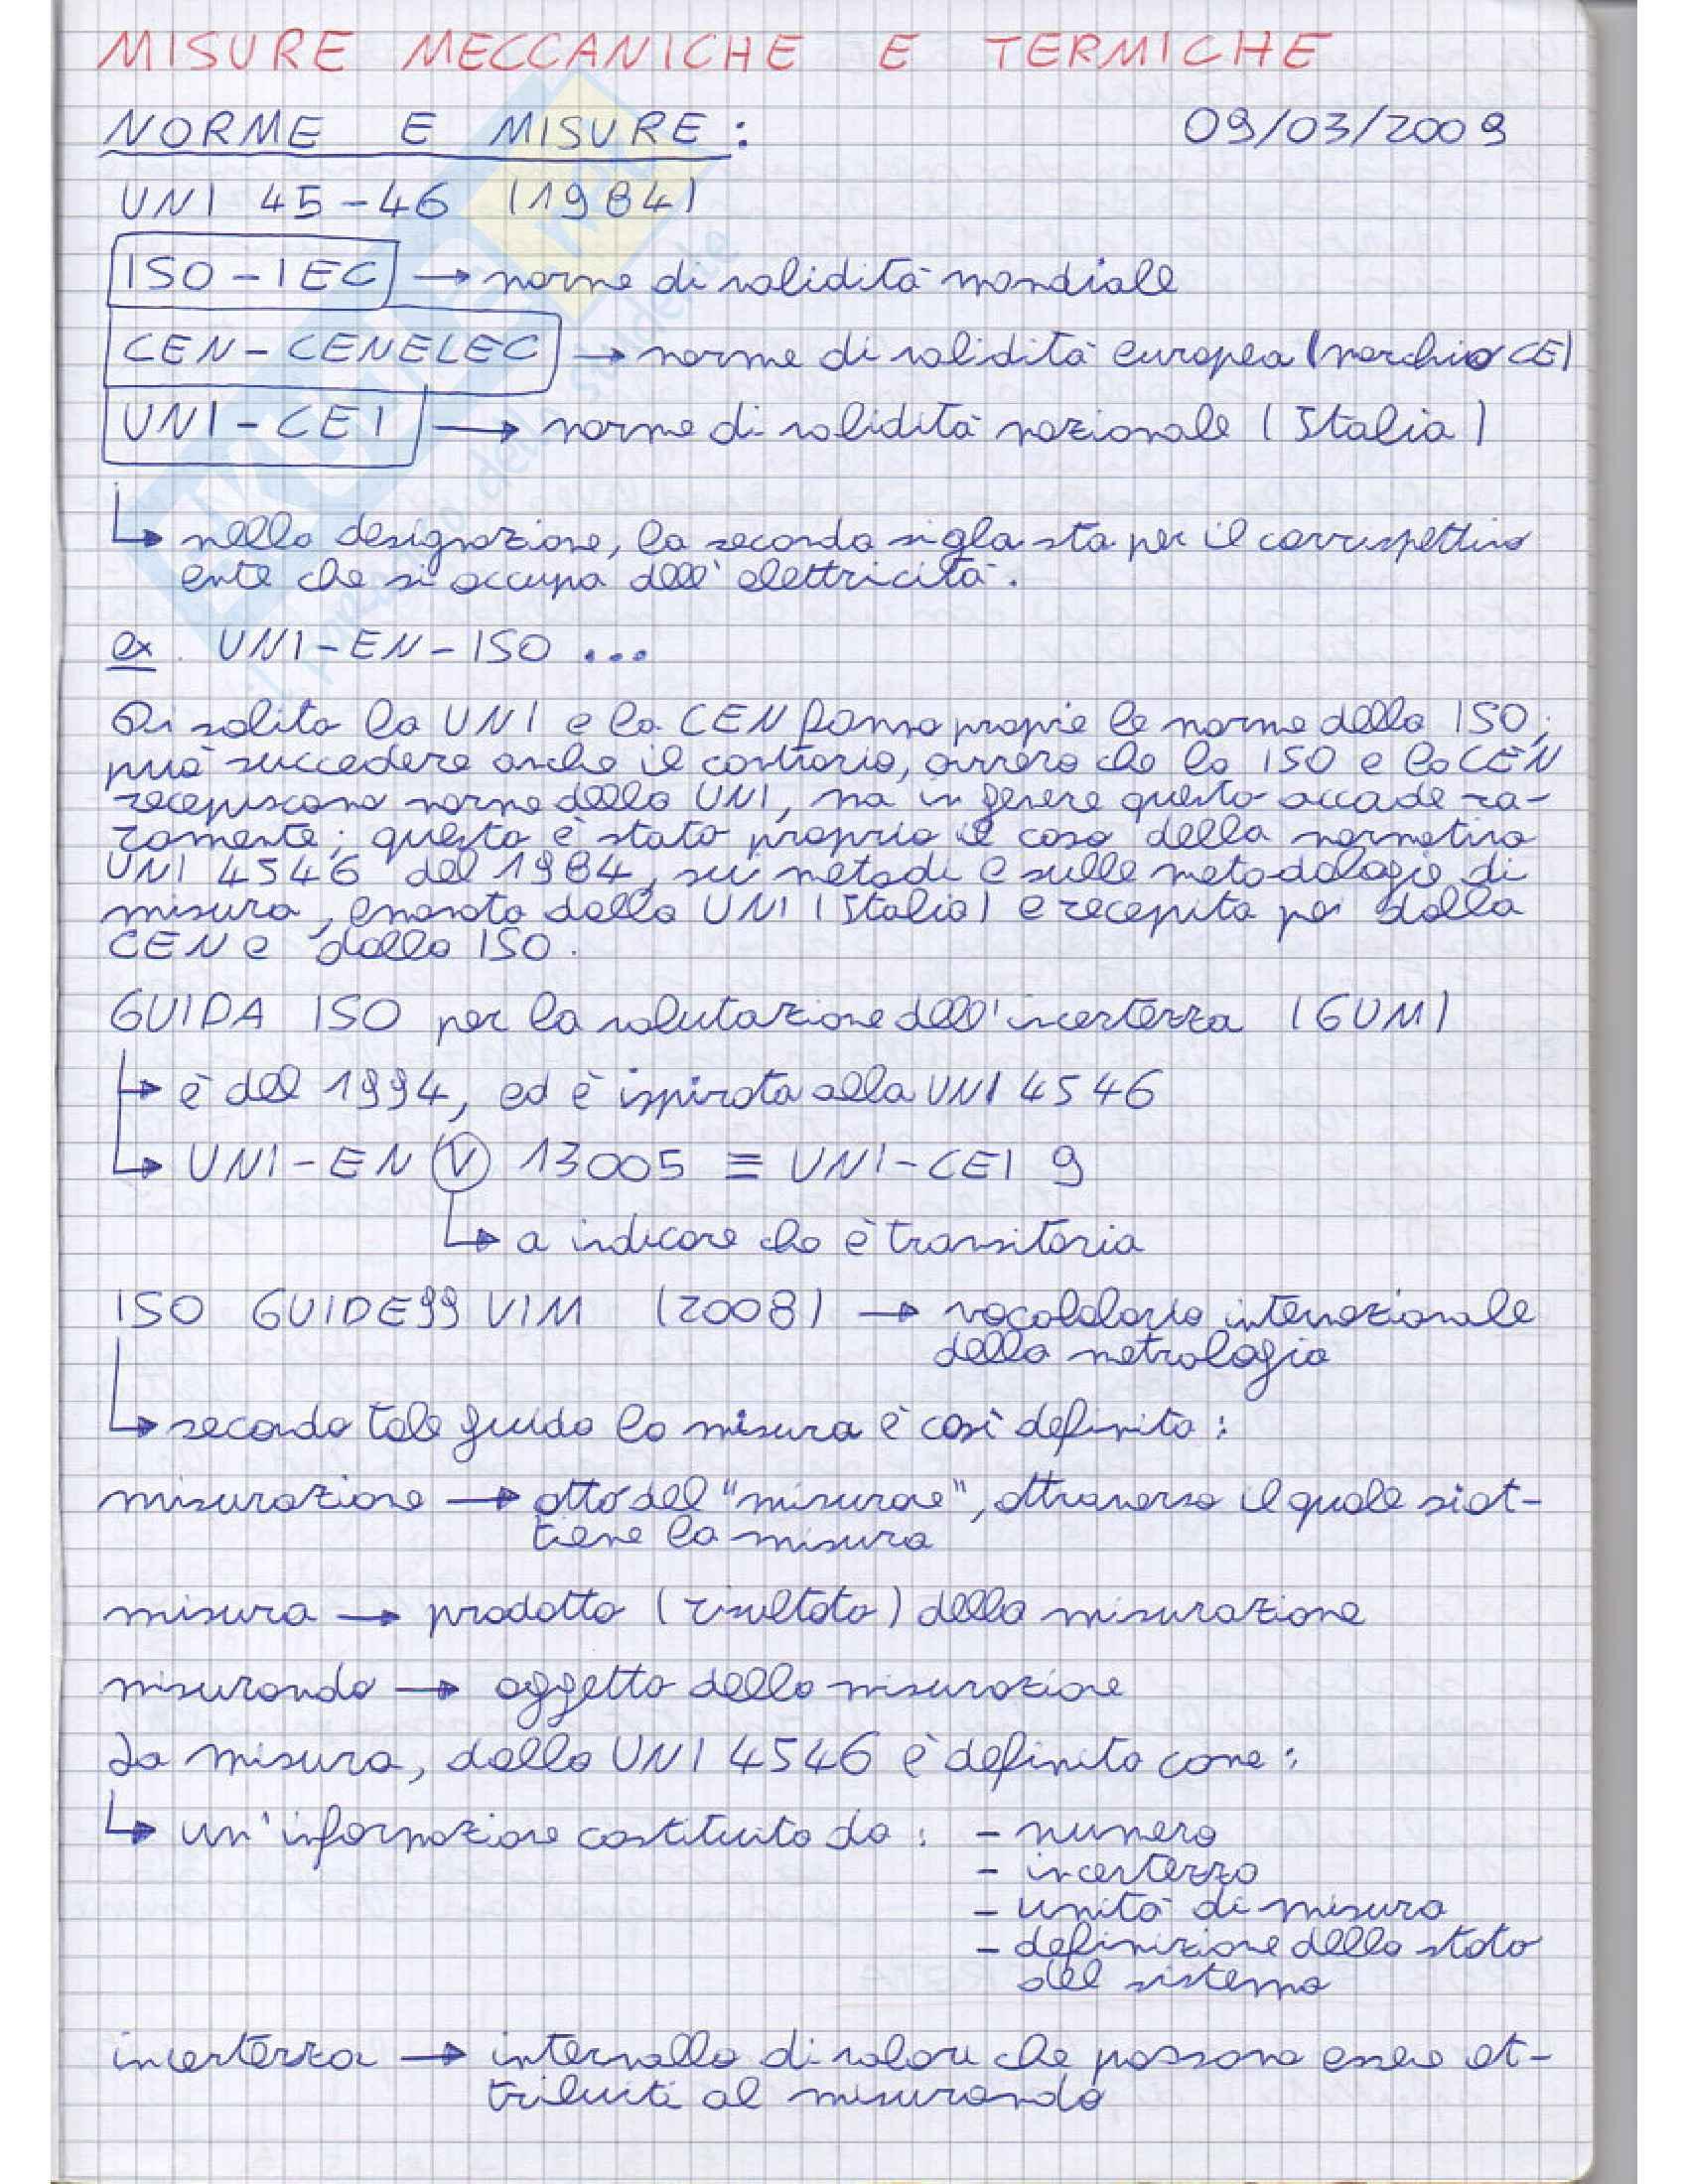 Lezioni, Misure meccaniche e termiche